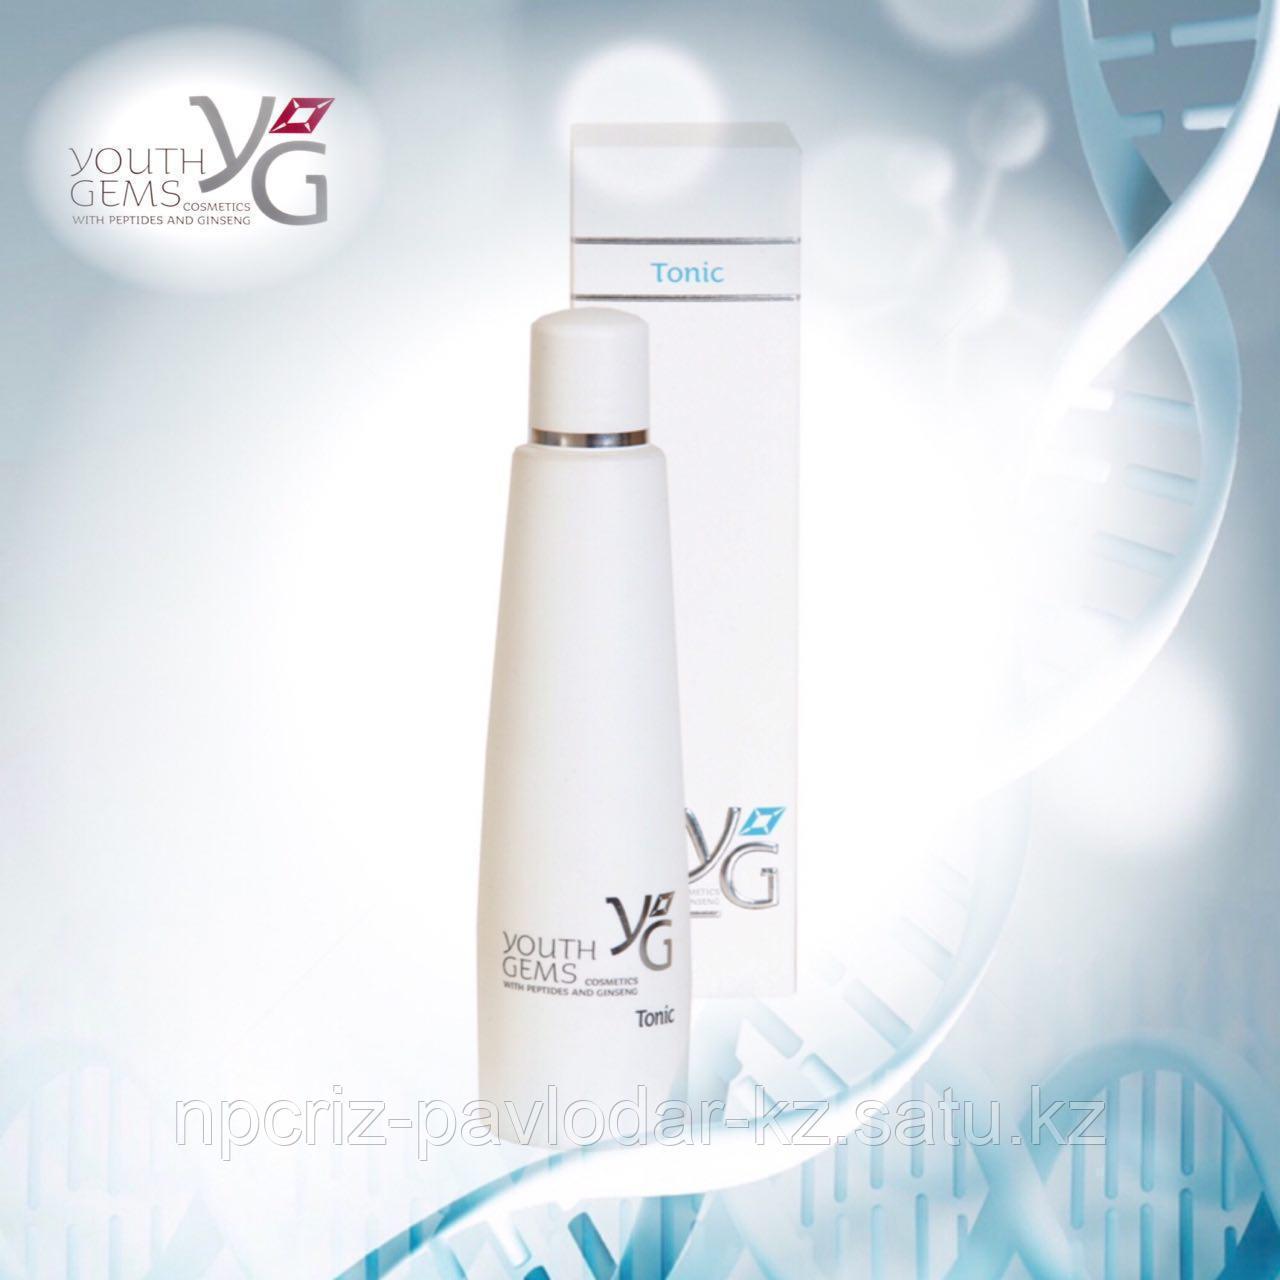 Тоник для Лица Youth Gems с пептидами и экстрактом женьшеня 200 мл